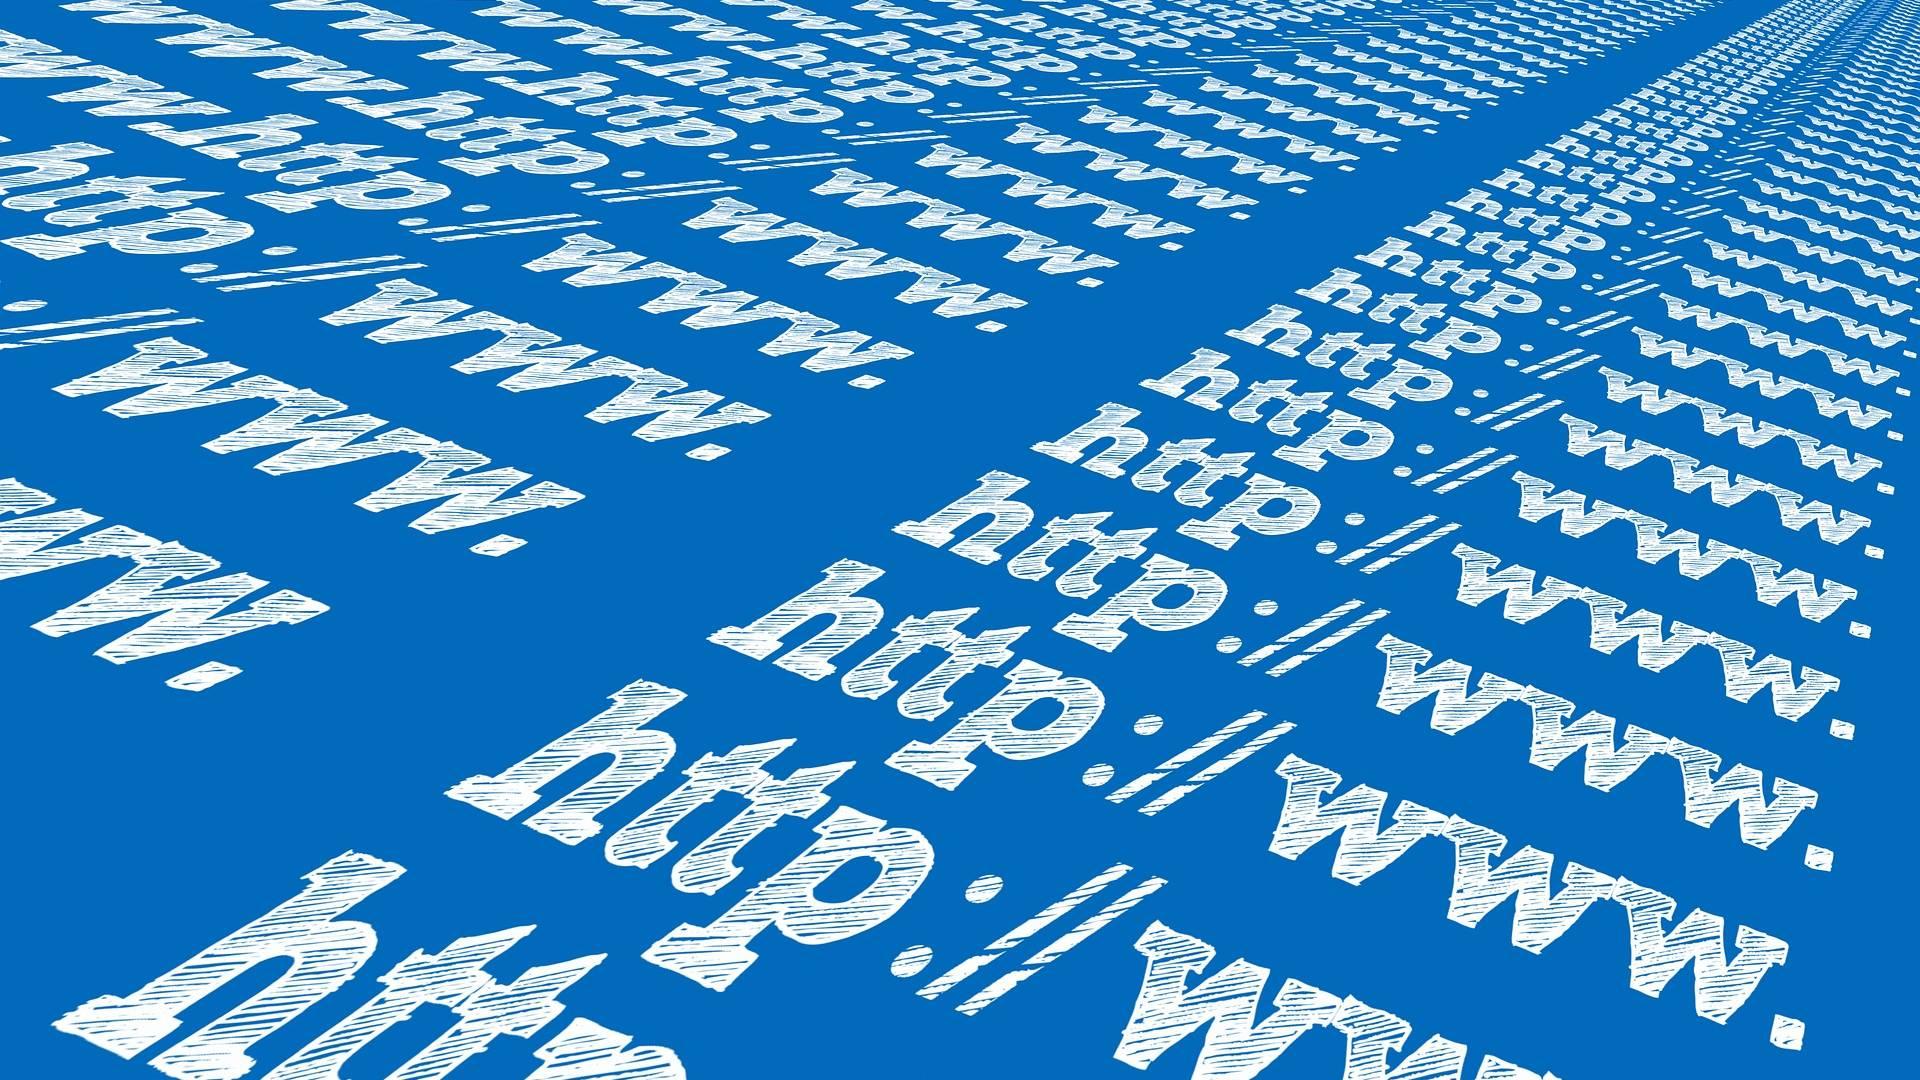 HTTP2 - Was ist das und wie funktioniert es?